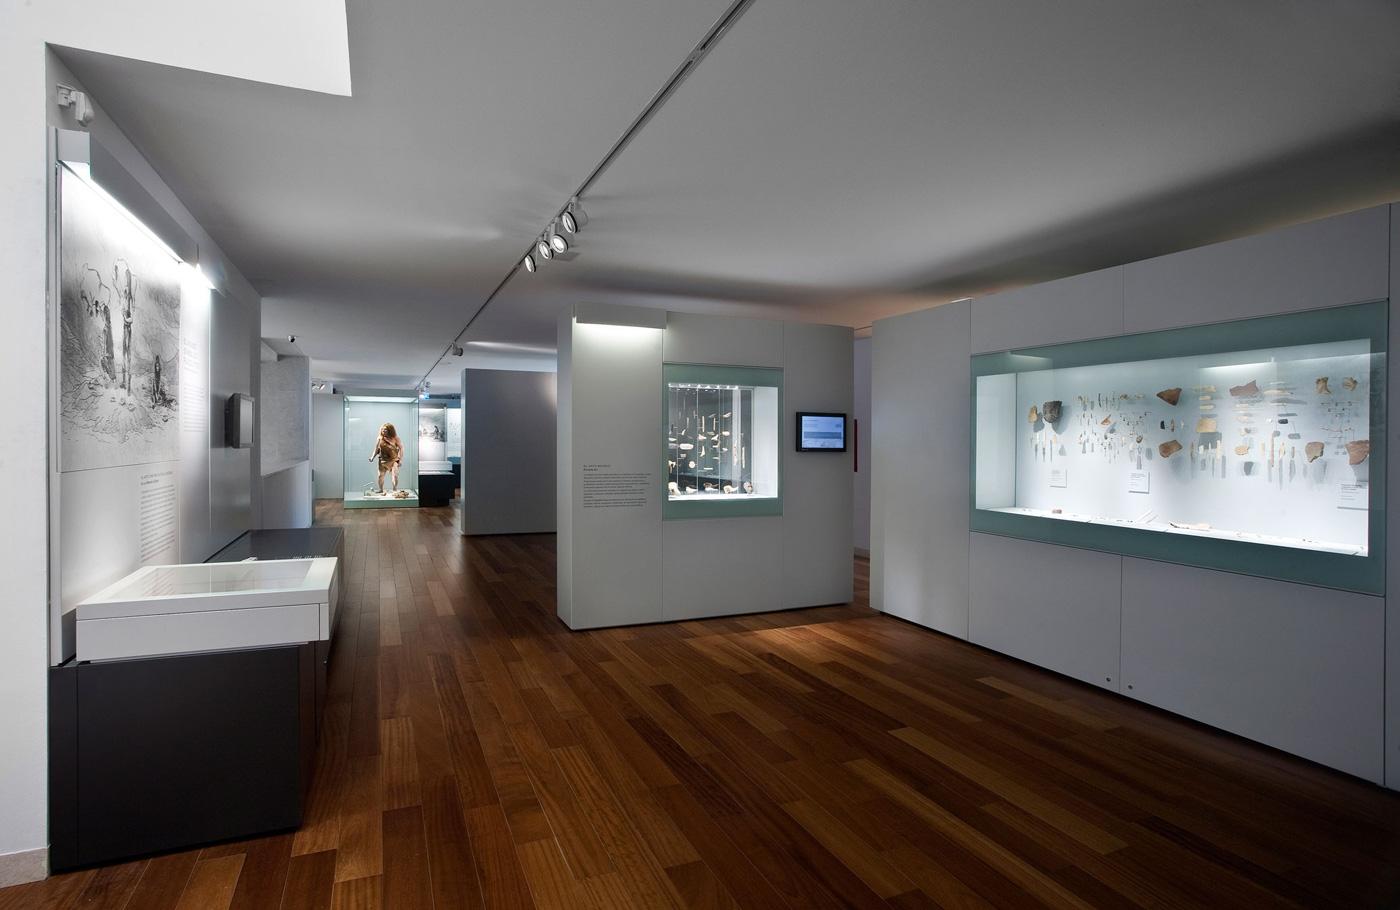 Museo_Arqueologico_Asturias_8.jpg